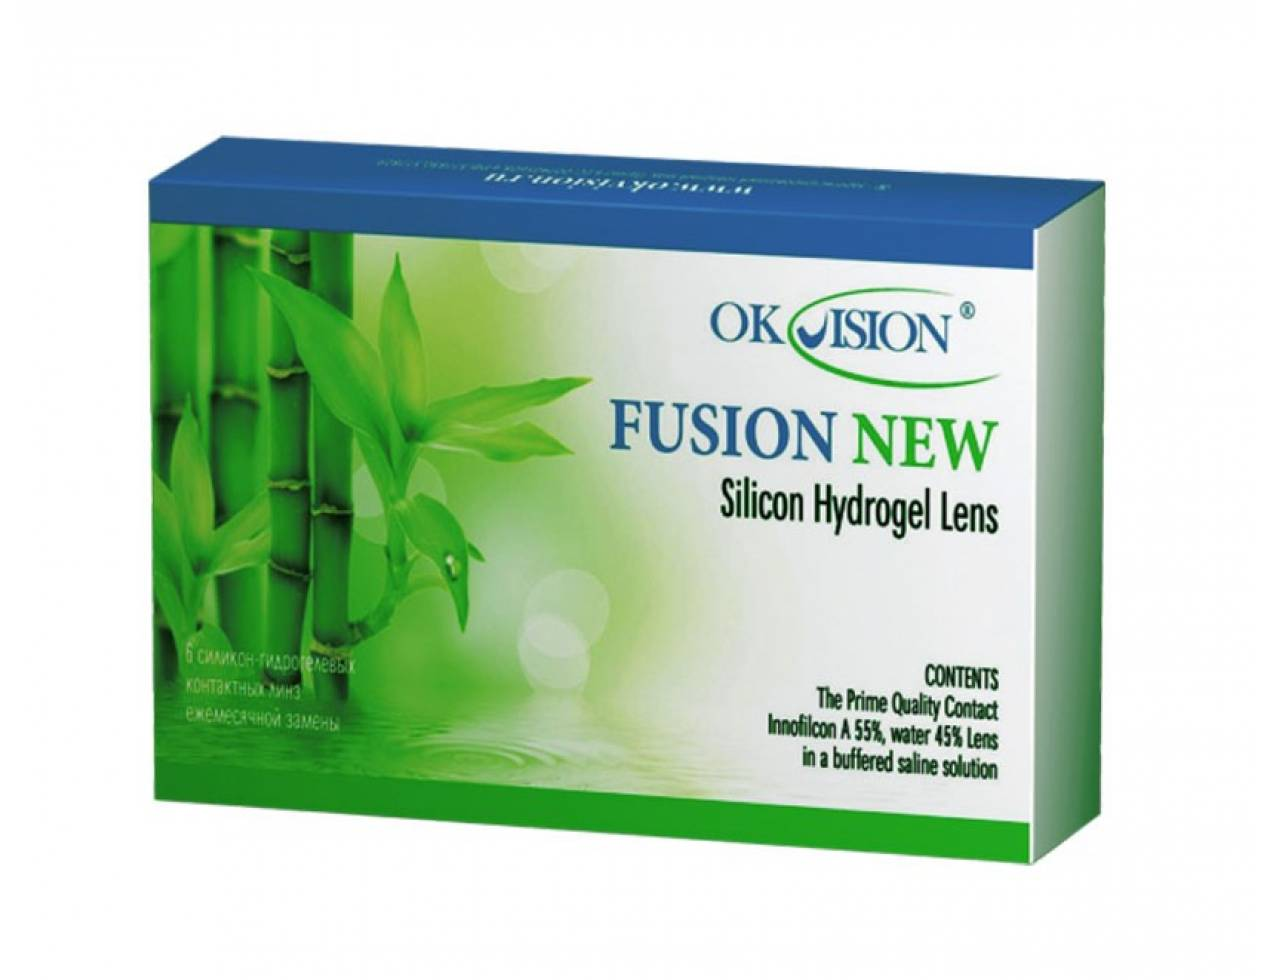 Месячные контактные линзы OkVision Fusion New